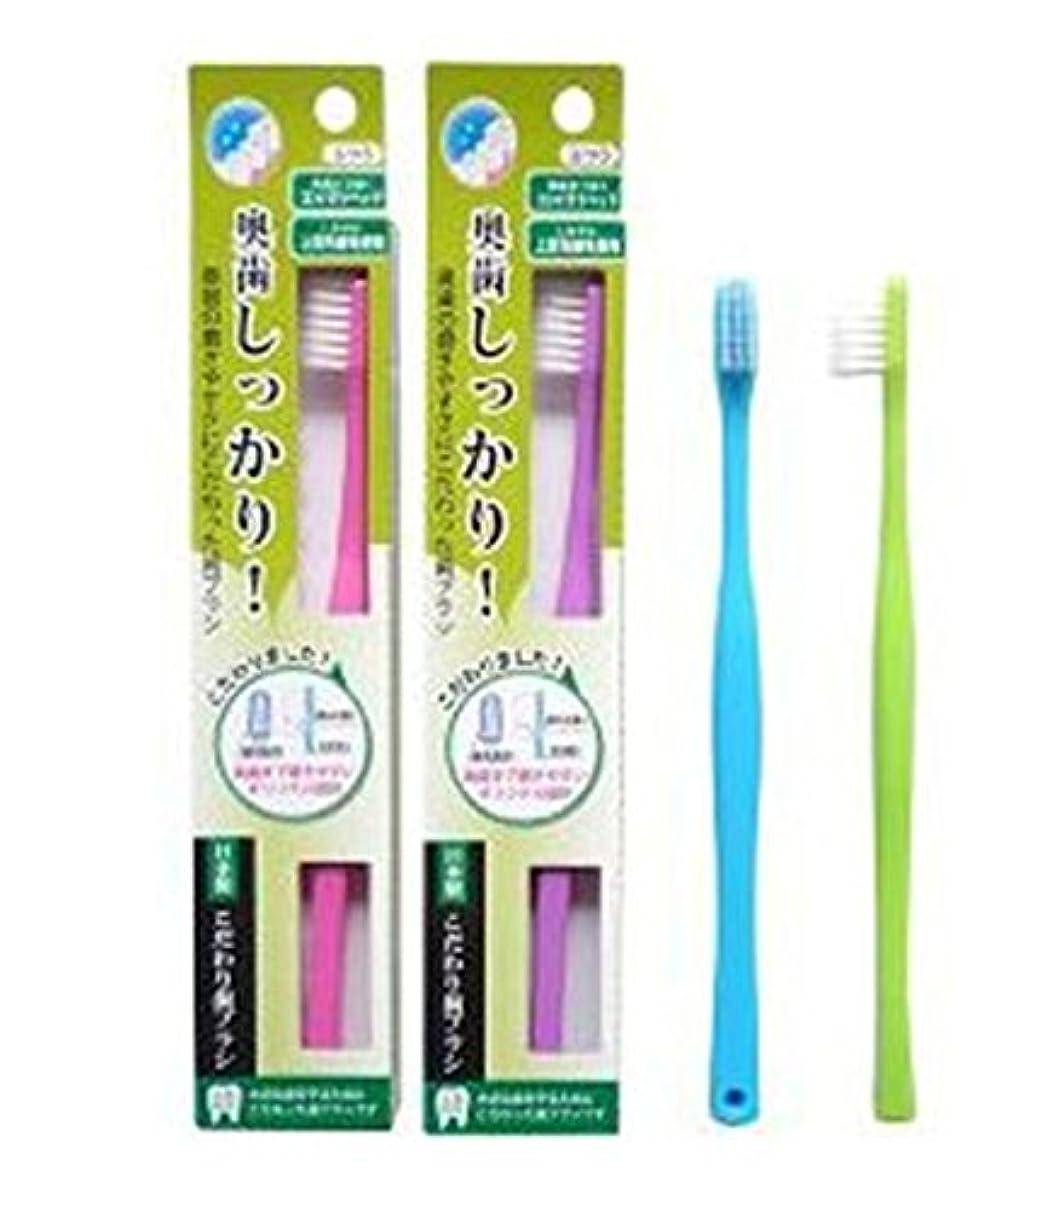 指相互接続間隔ライフレンジ 奥歯しっかりこだわり歯ブラシ 先細 12本 (ピンク4、パープル4、ブルー2、グリーン2)アソート